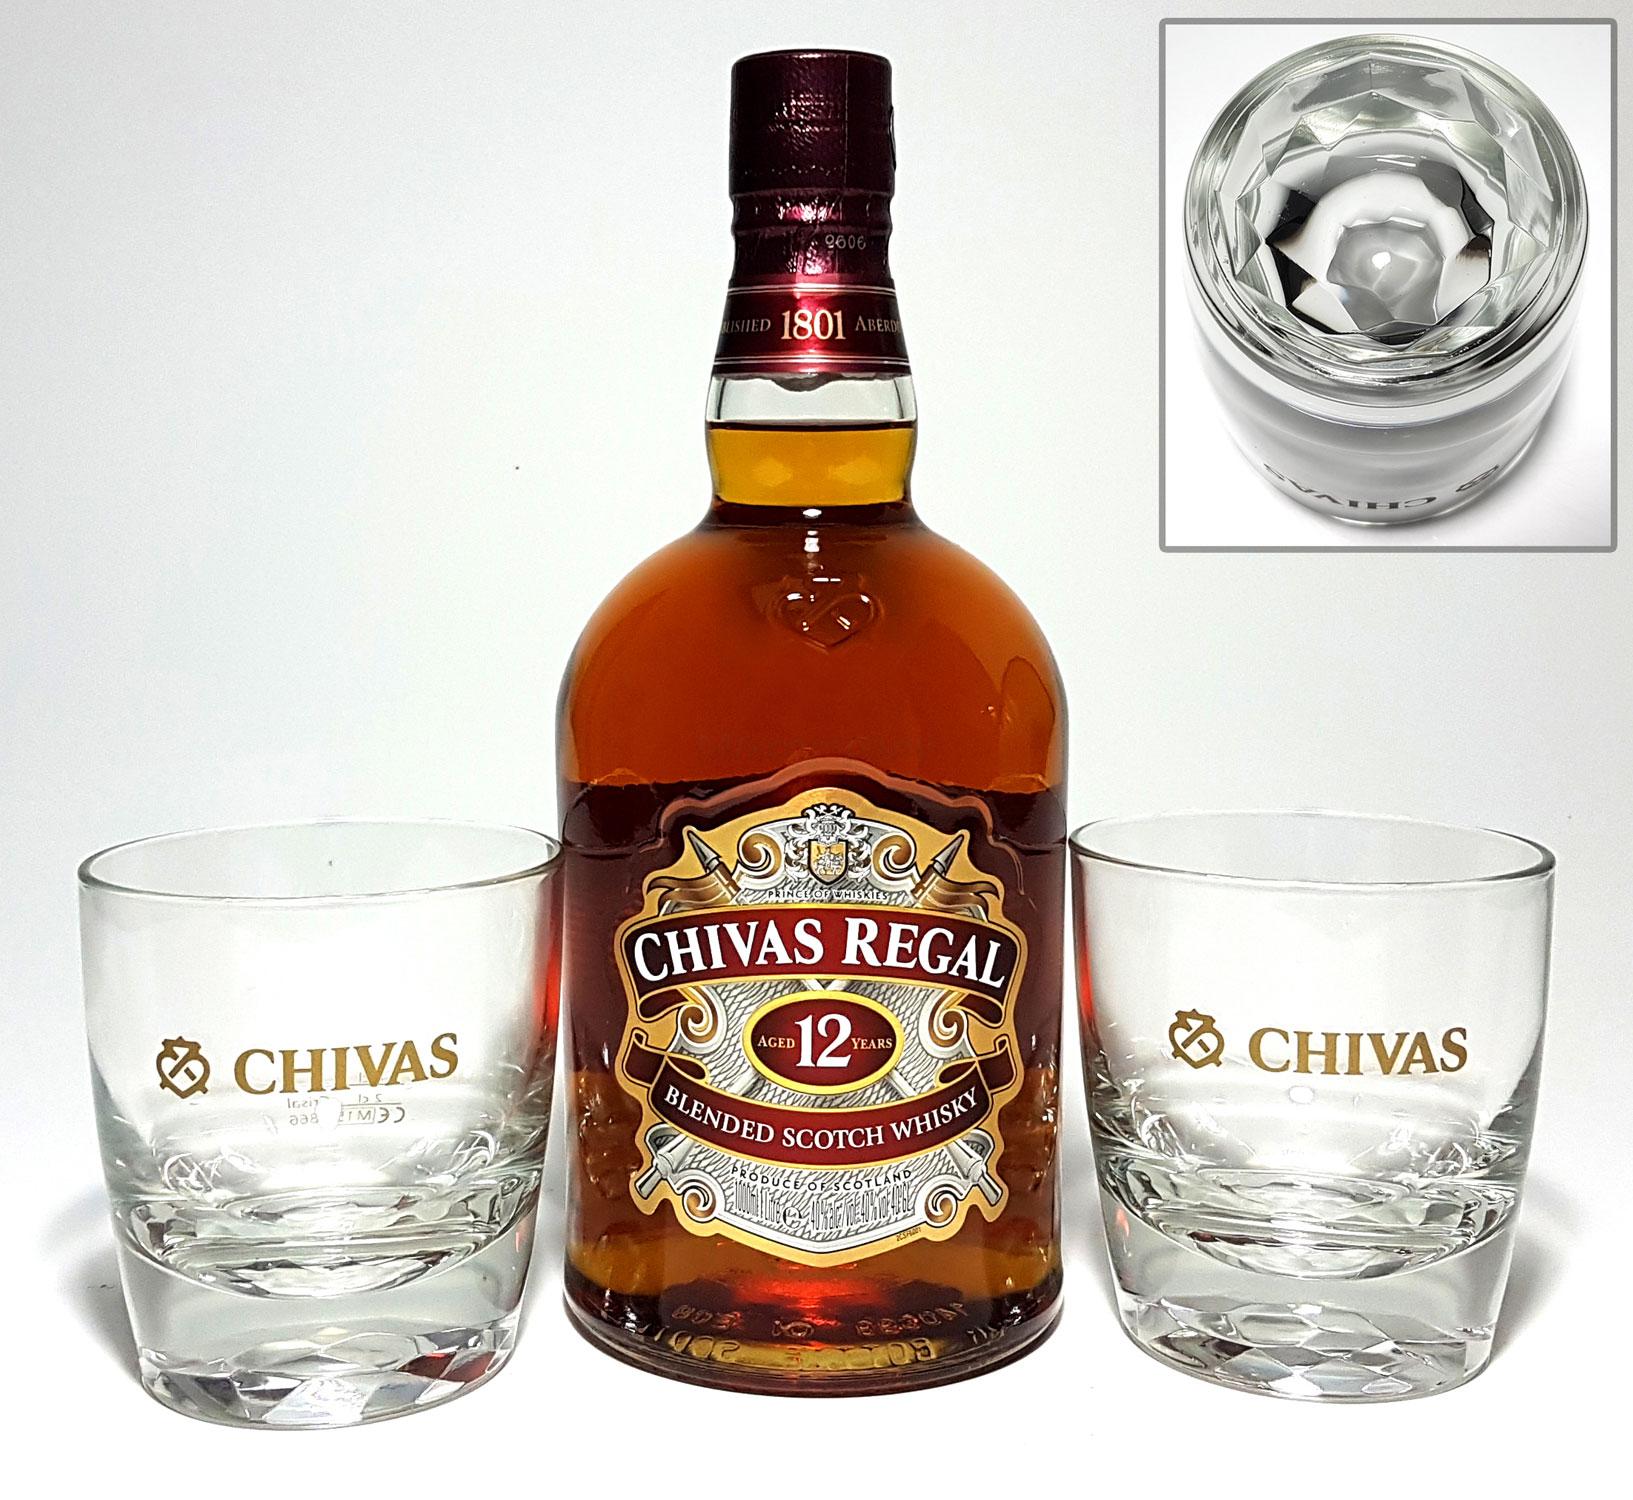 Chivas Regal 12 Jahre Blended Scotch Whisky 1L (40% Vol) + 2x Tumbler mit Diamanteinfassung